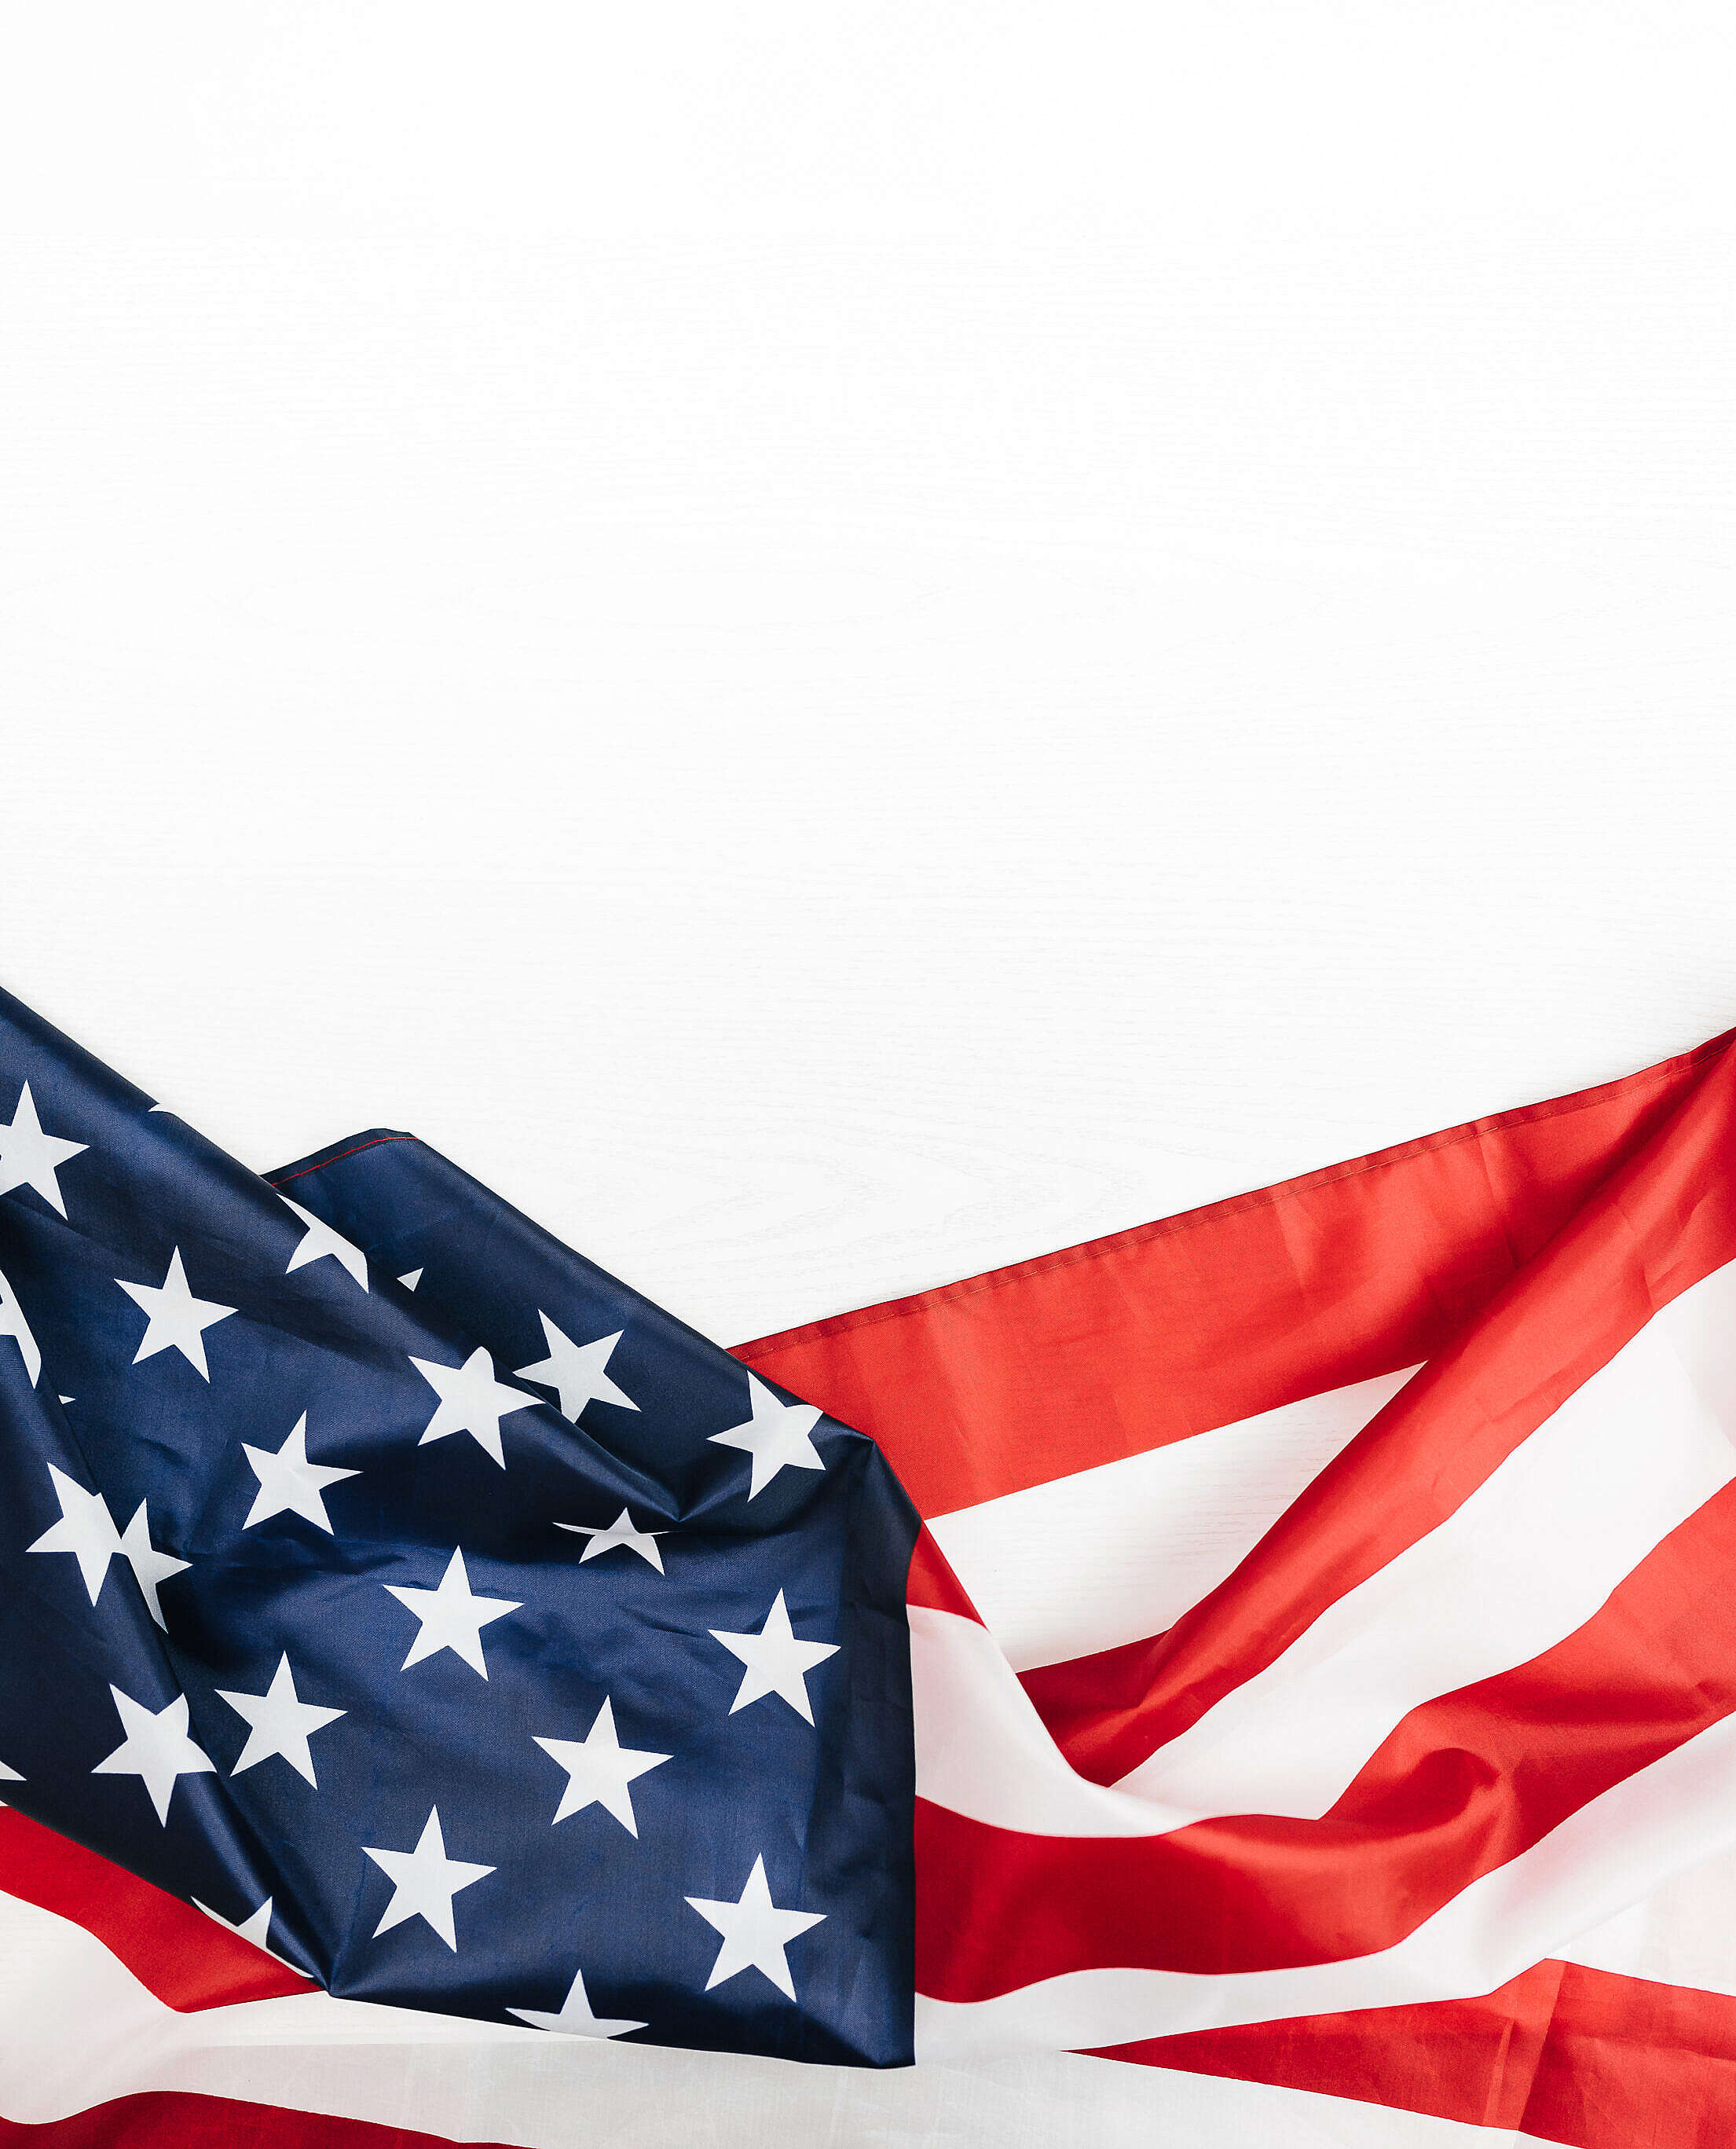 USA Flag on a White Background Free Stock Photo